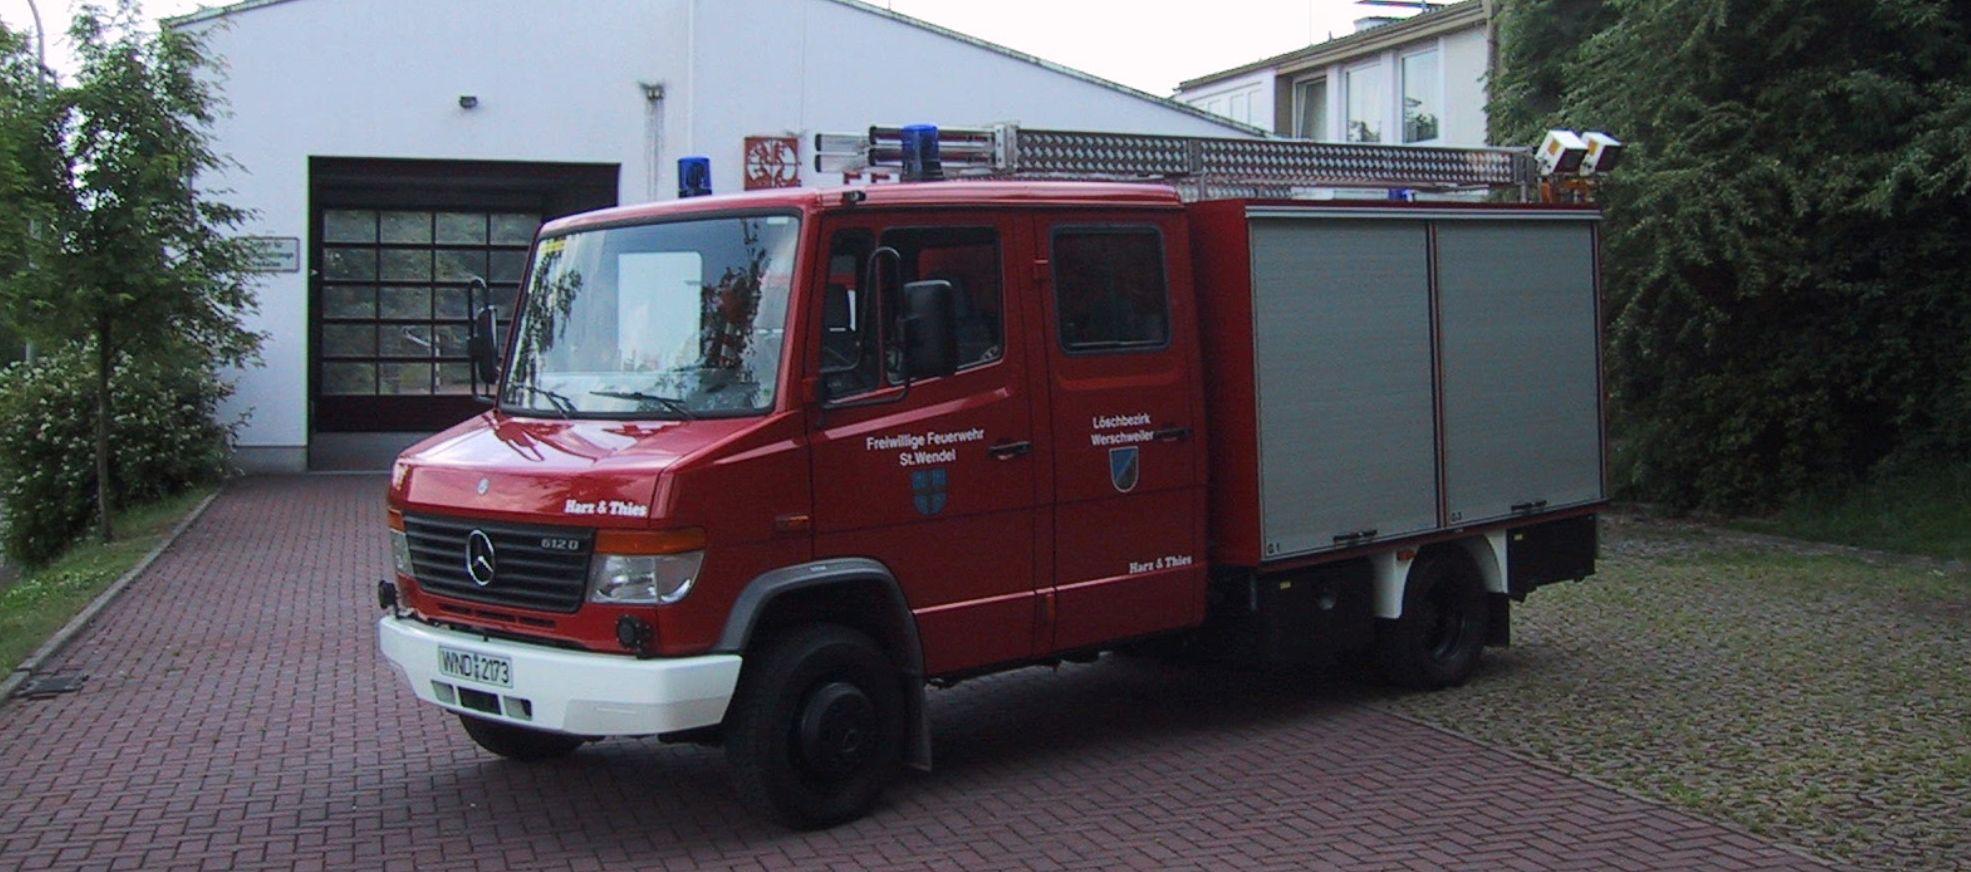 Fahrzeug_vor_Gertehaus_schmal